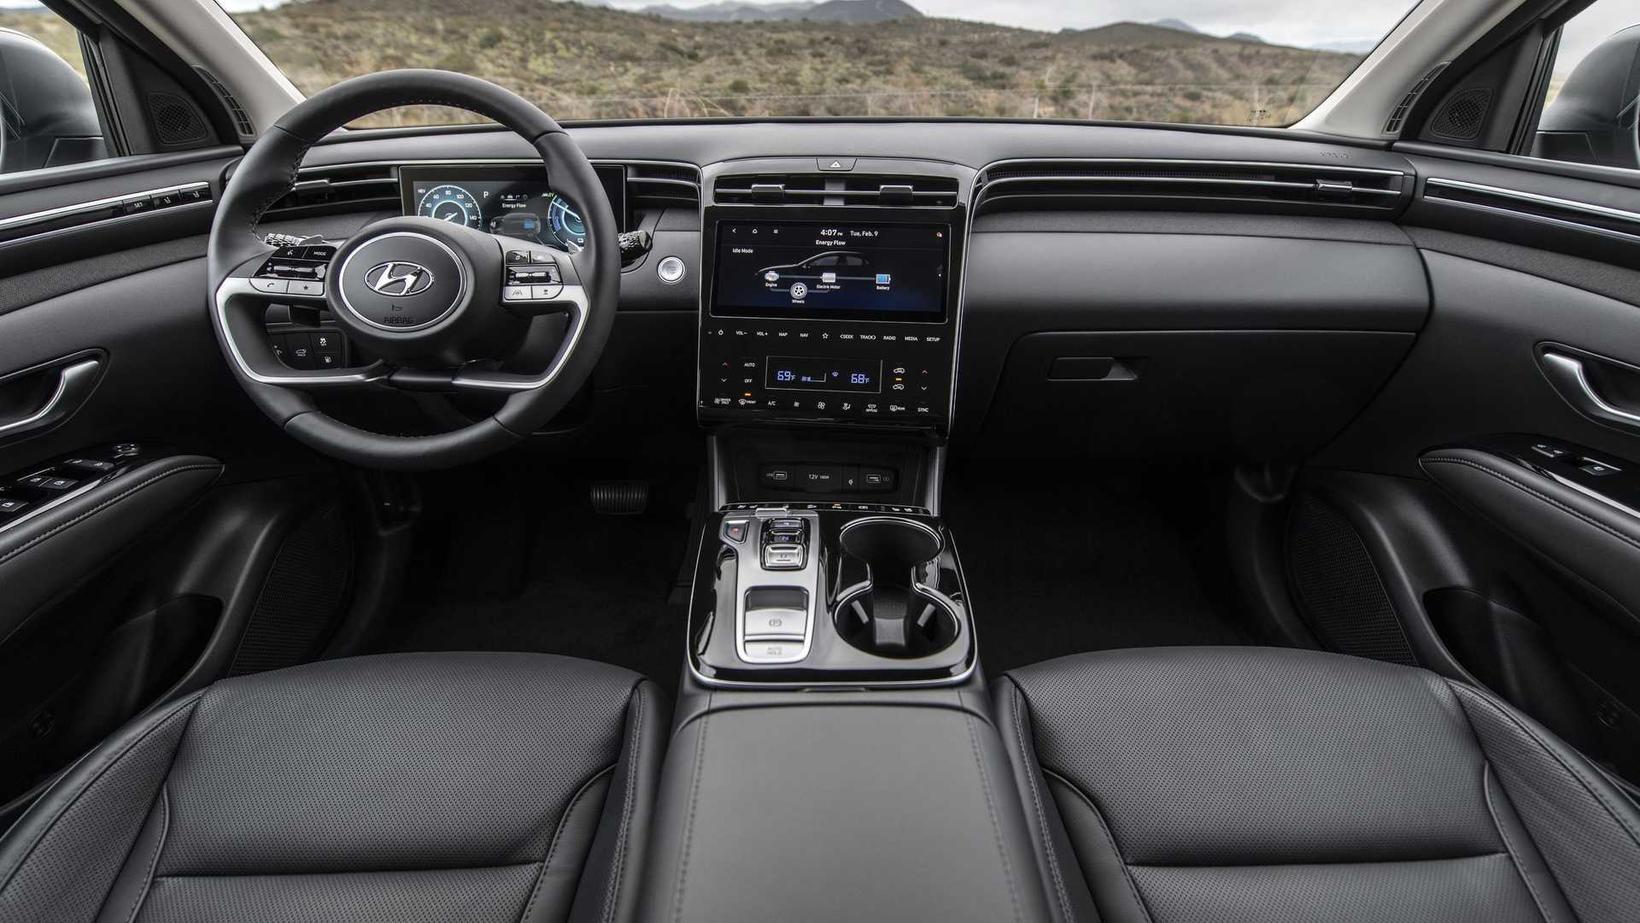 Um 200 manns skráðu sig fyrir tengiltvinnjepplingnum Hyundai Tucson